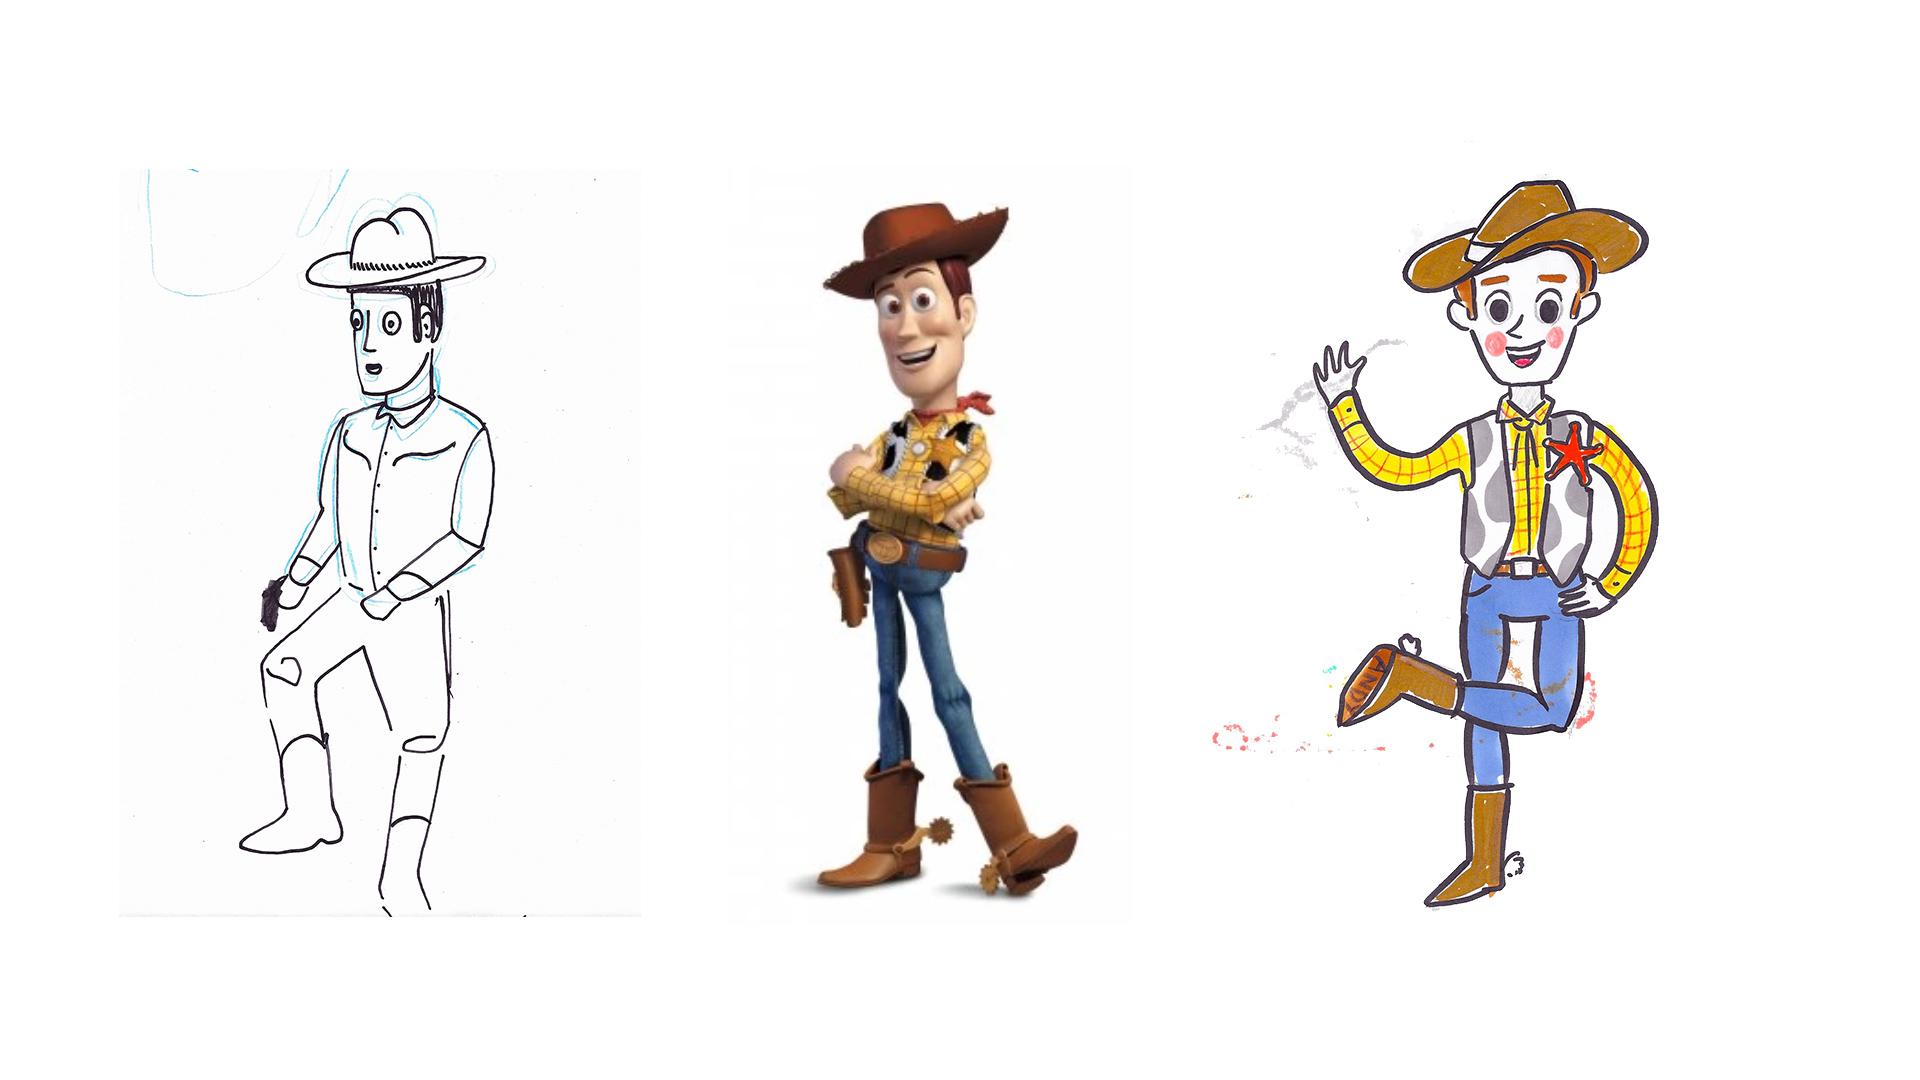 """WOODY Pixar's """"Toy Story"""", 1995."""